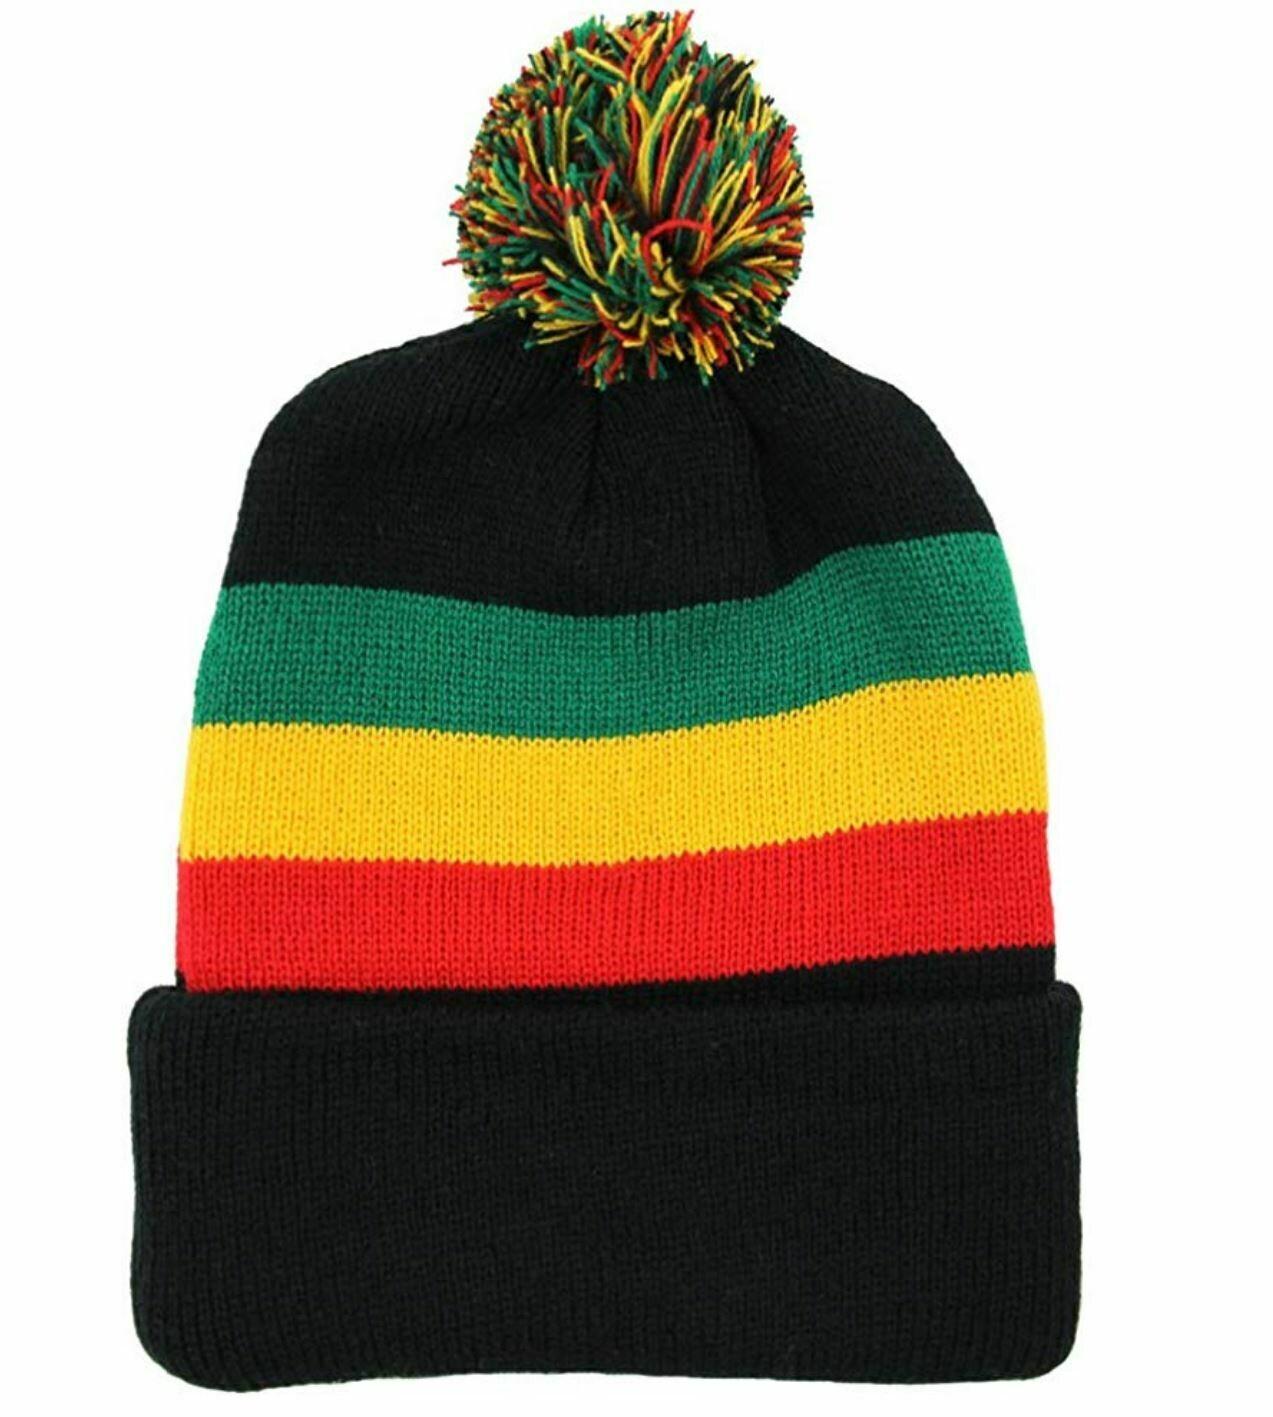 Green Yellow Red hats አረንጓዴ ቢጫ ቀይ ኮፍያ